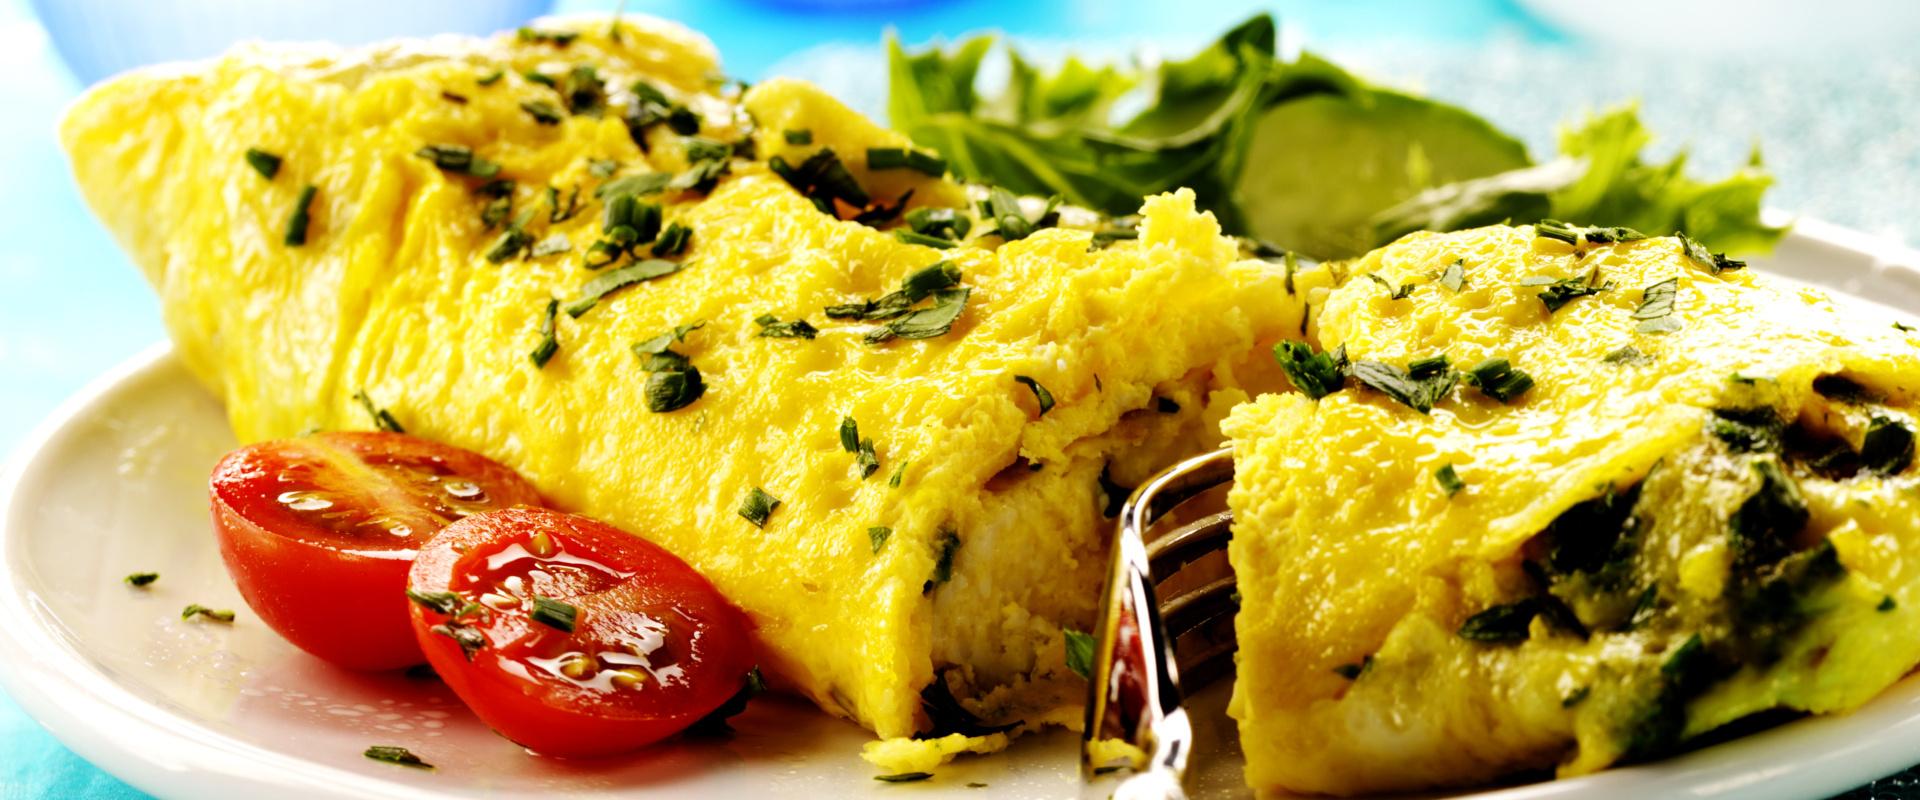 omlett cover